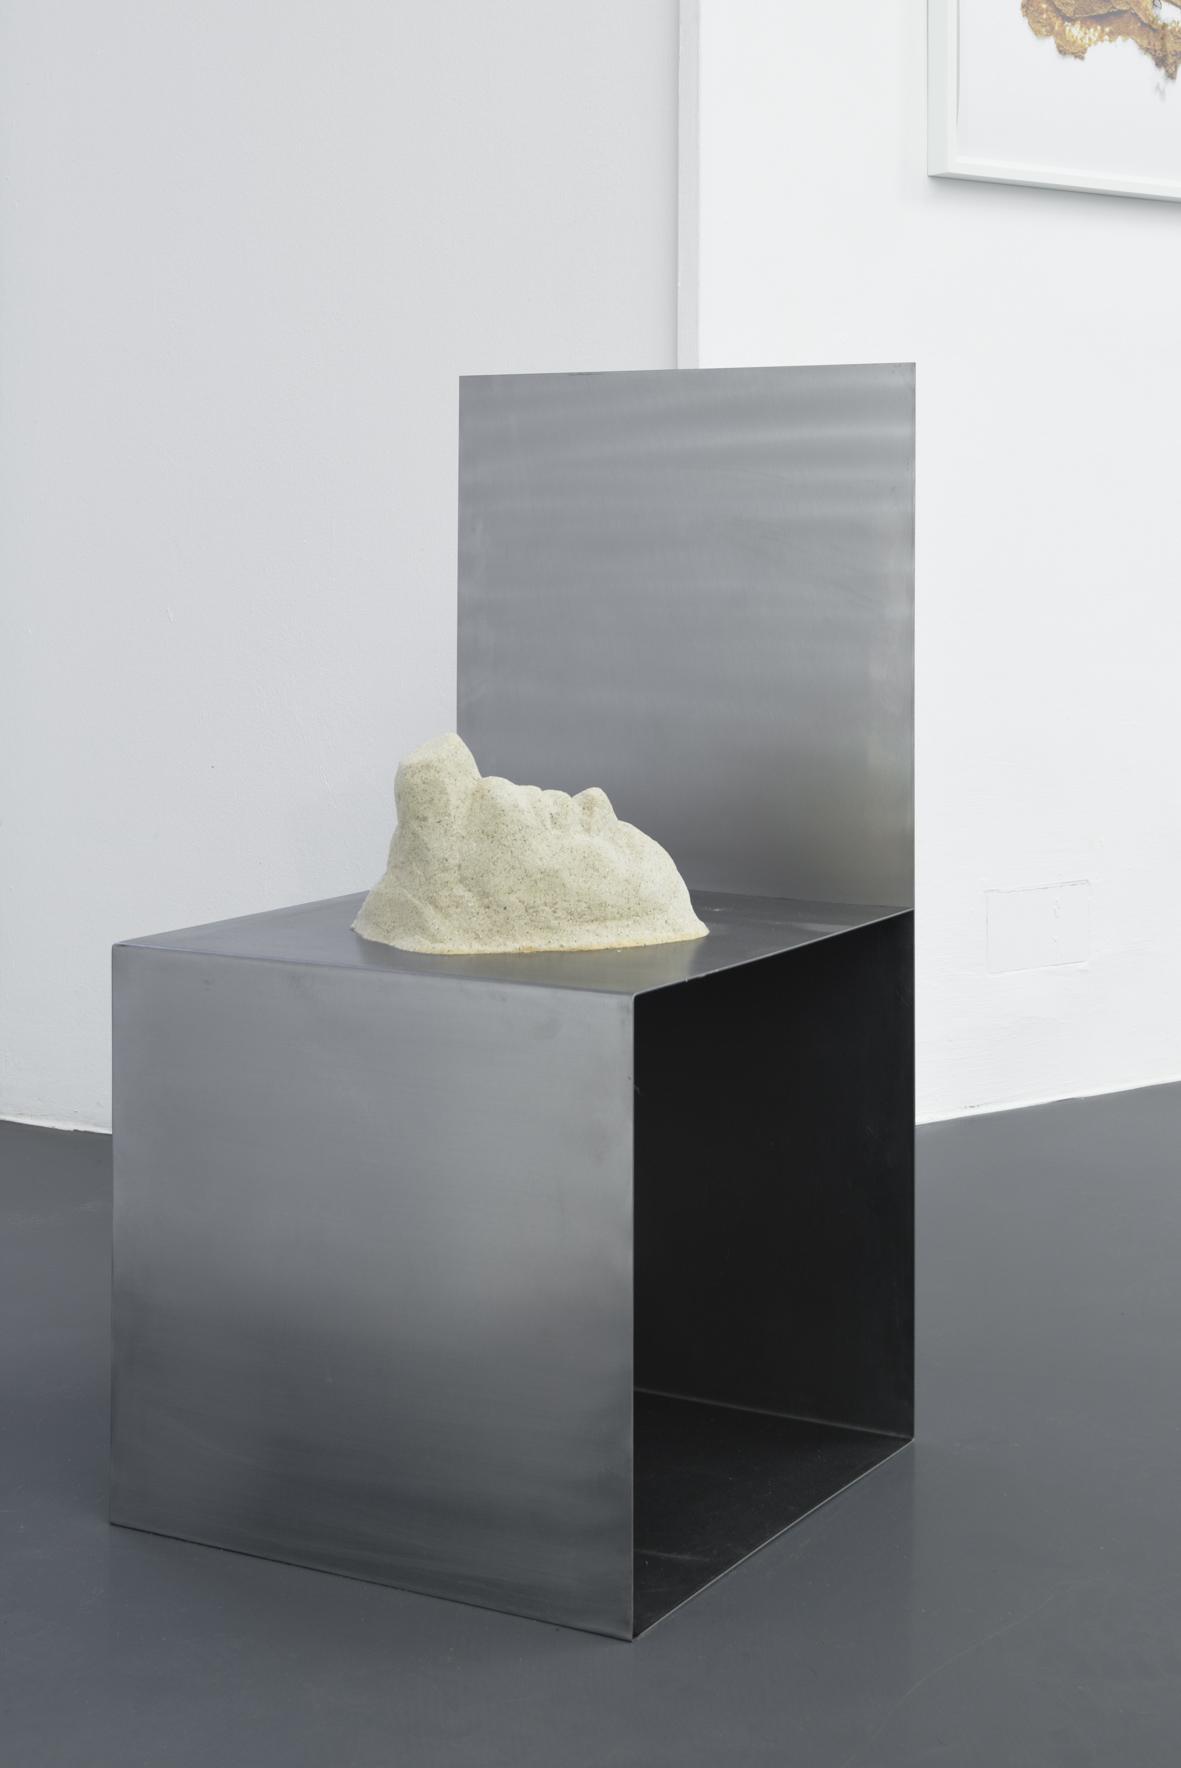 Lena Henke, Nie erlag ich seiner Persönlichkeit, 2016 Metal, sand, silicone, fibreglass, rubber 90 x 45 x 45 cm, Courtesy: Galerie Emanuel Layr